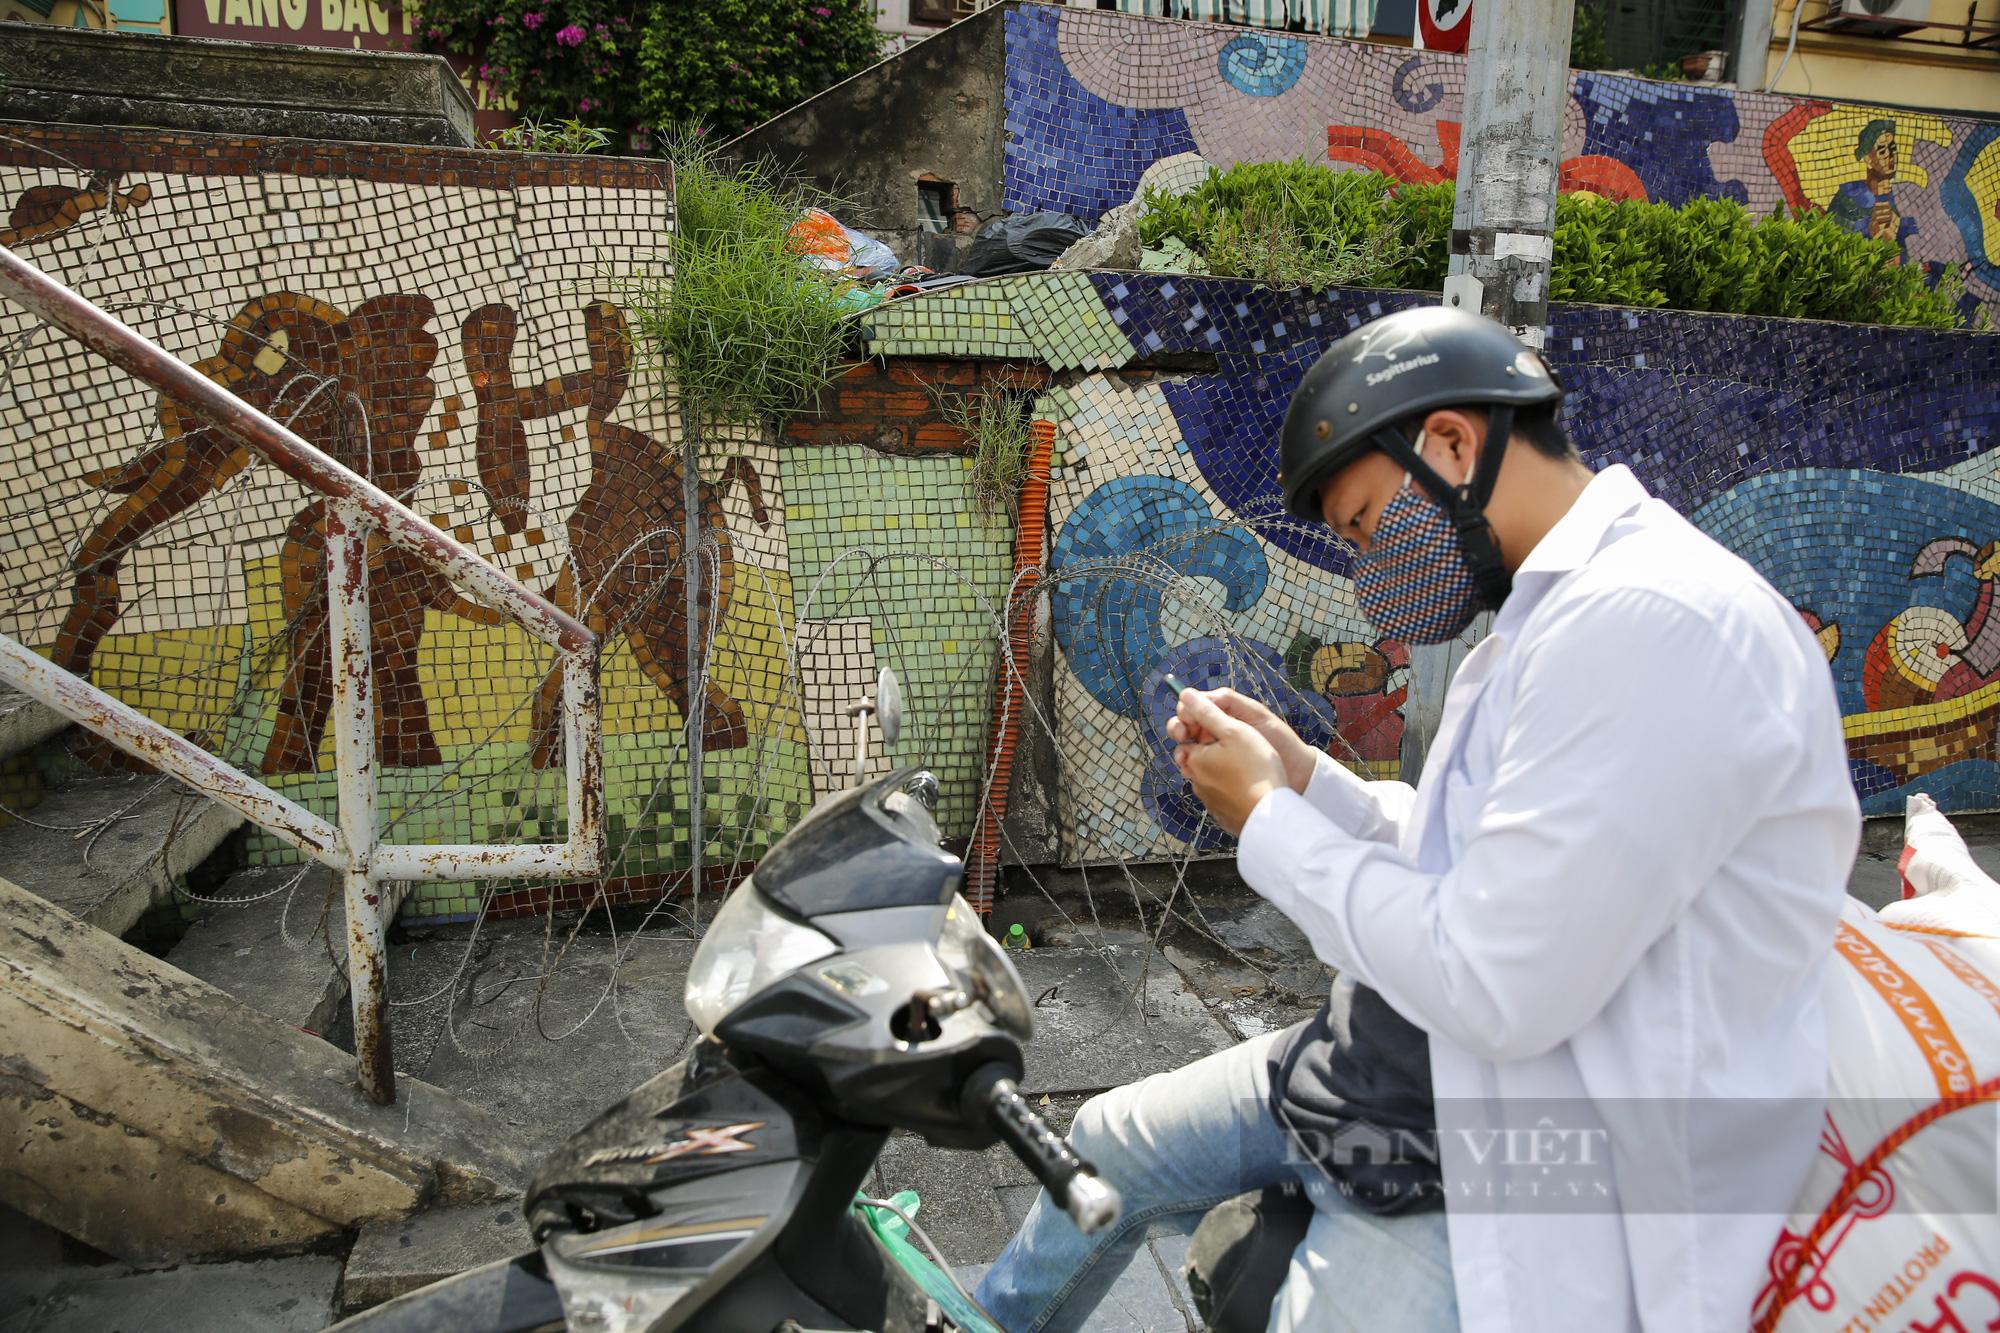 Hà Nội: Lập hàng rào dây thép gai tại khu vực phong tỏa để ngăn người vi phạm Chỉ thị cách ly - Ảnh 10.